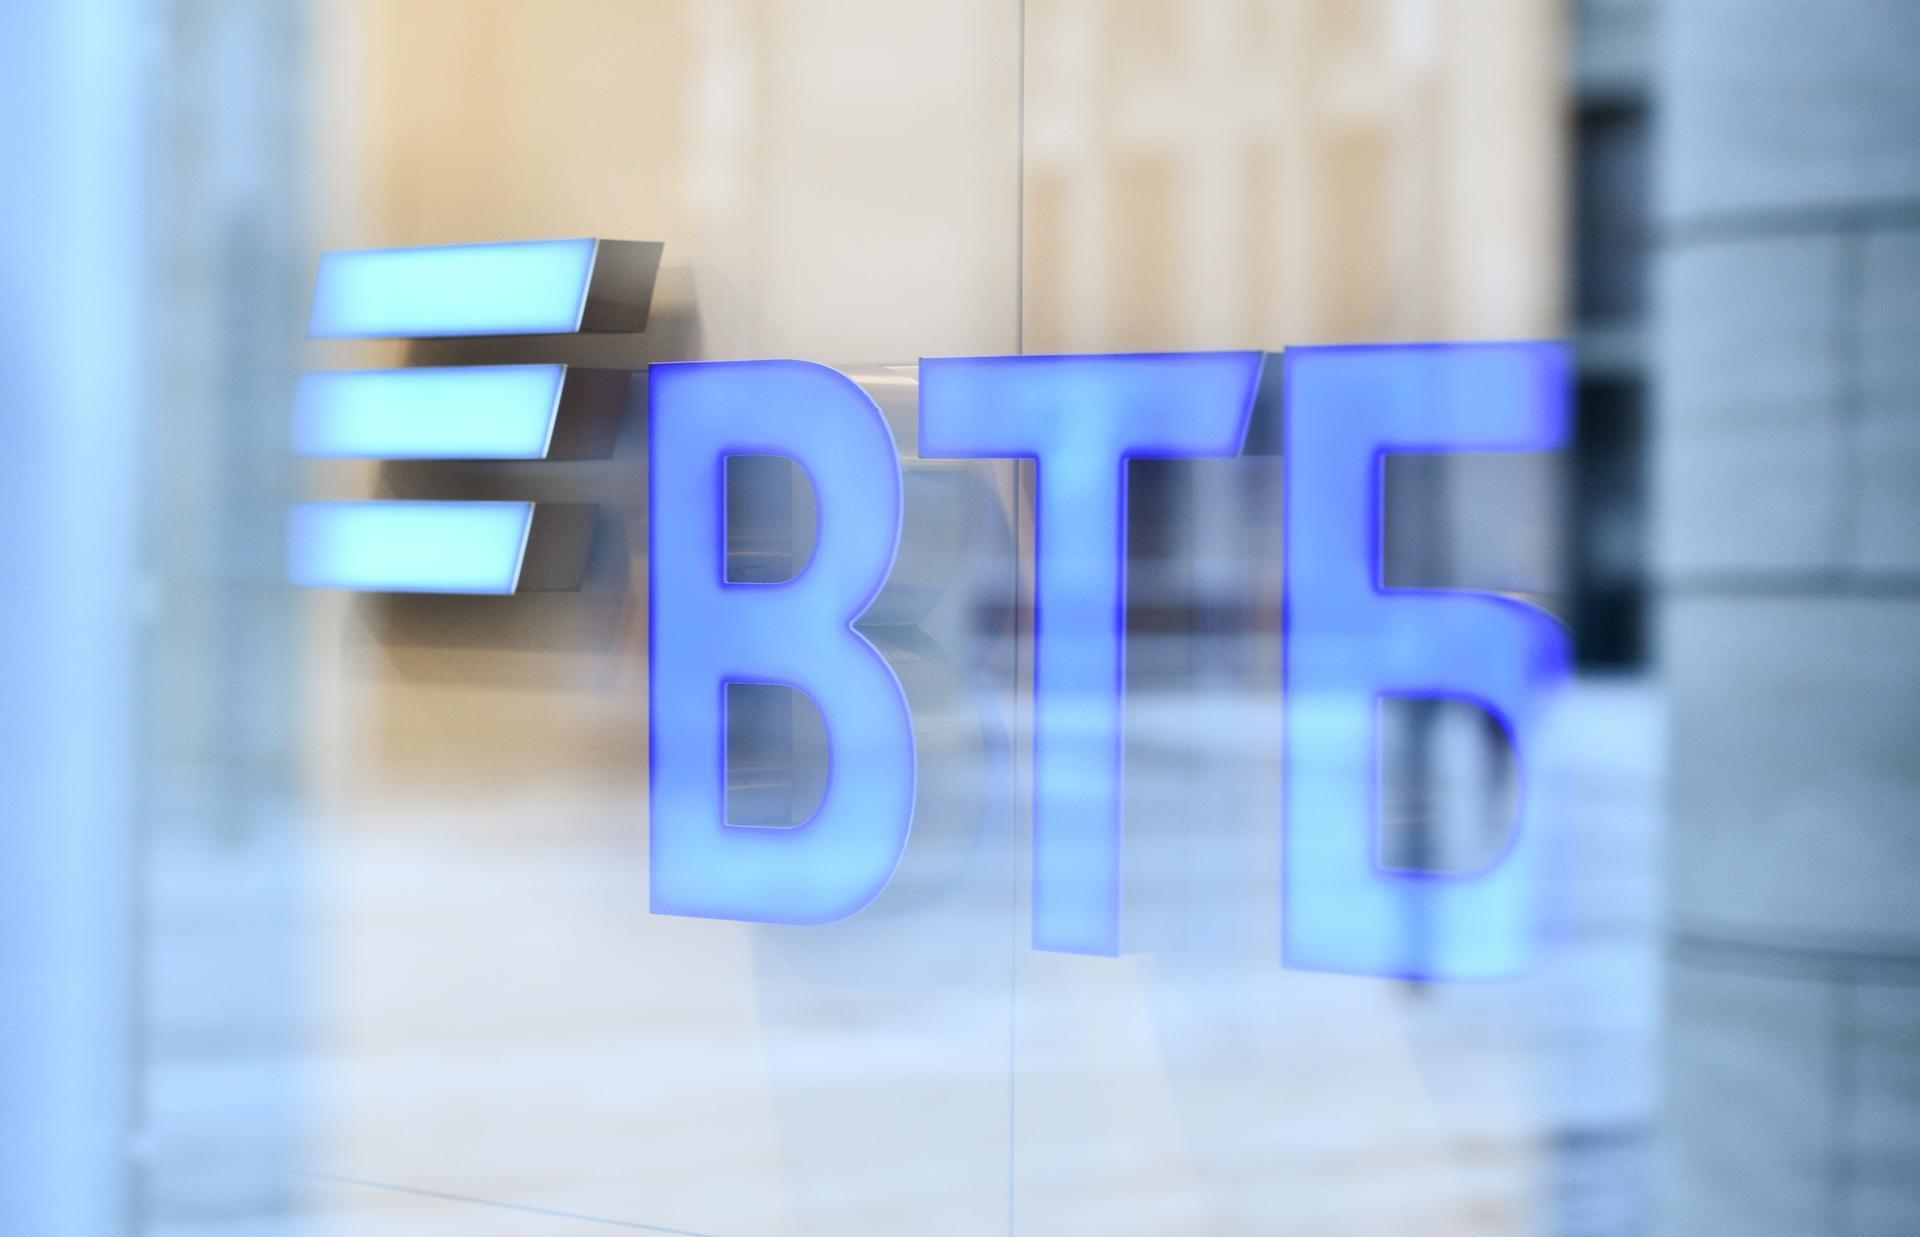 ГК ВТБ Лизинг в первом квартале 2021 г. увеличил прибыль на 30%